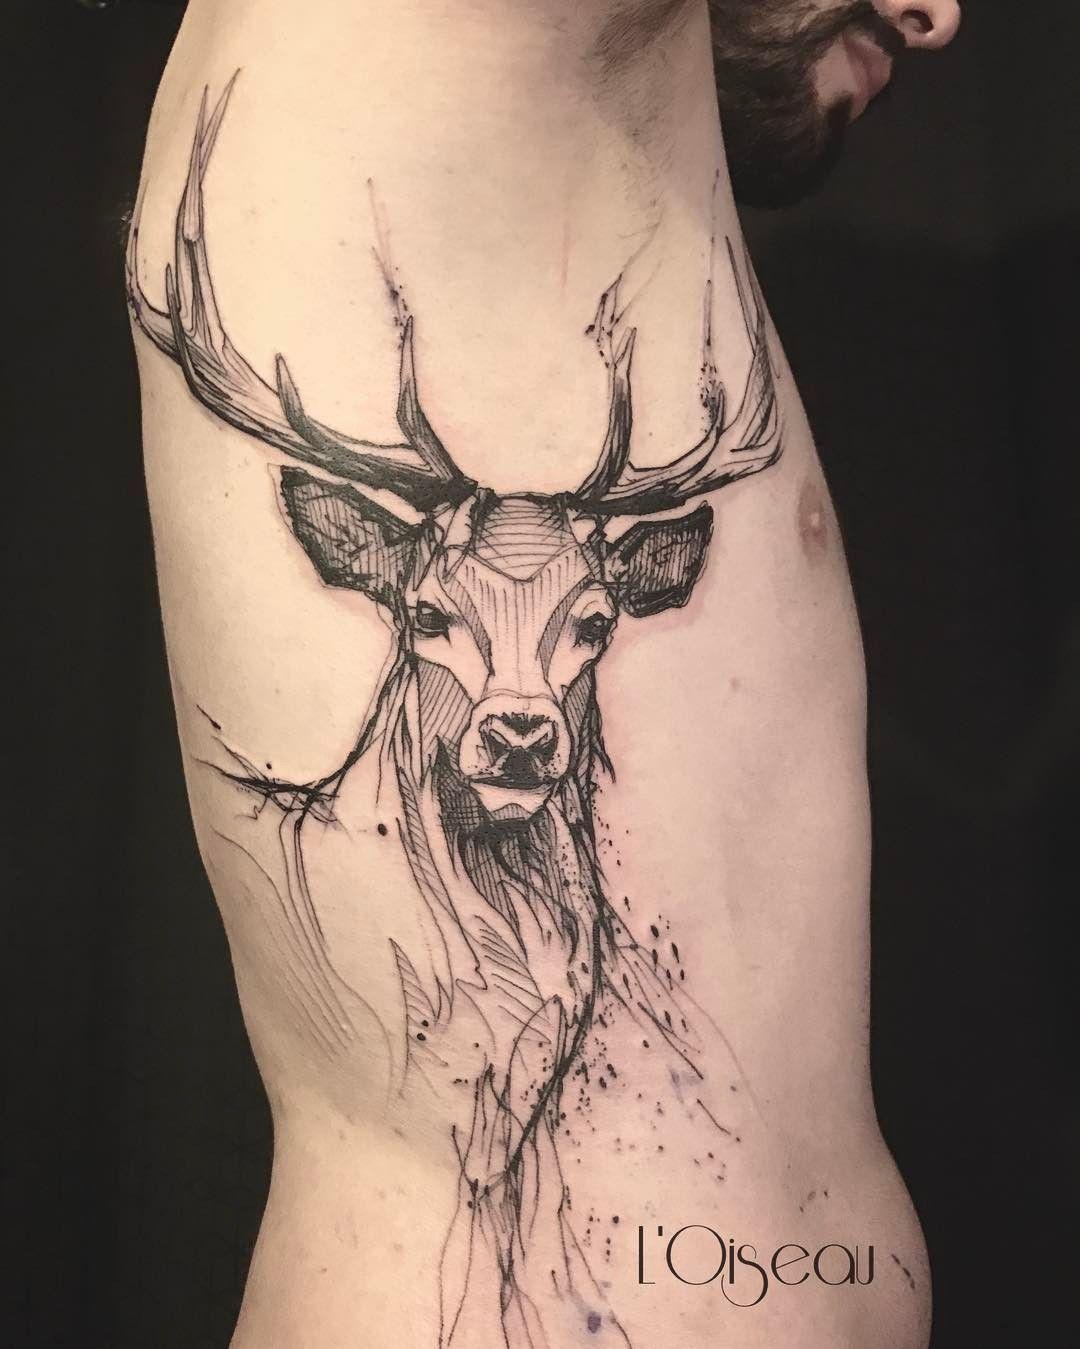 Cerf tatouage signification fashion designs - Tatouage oiseau signification ...